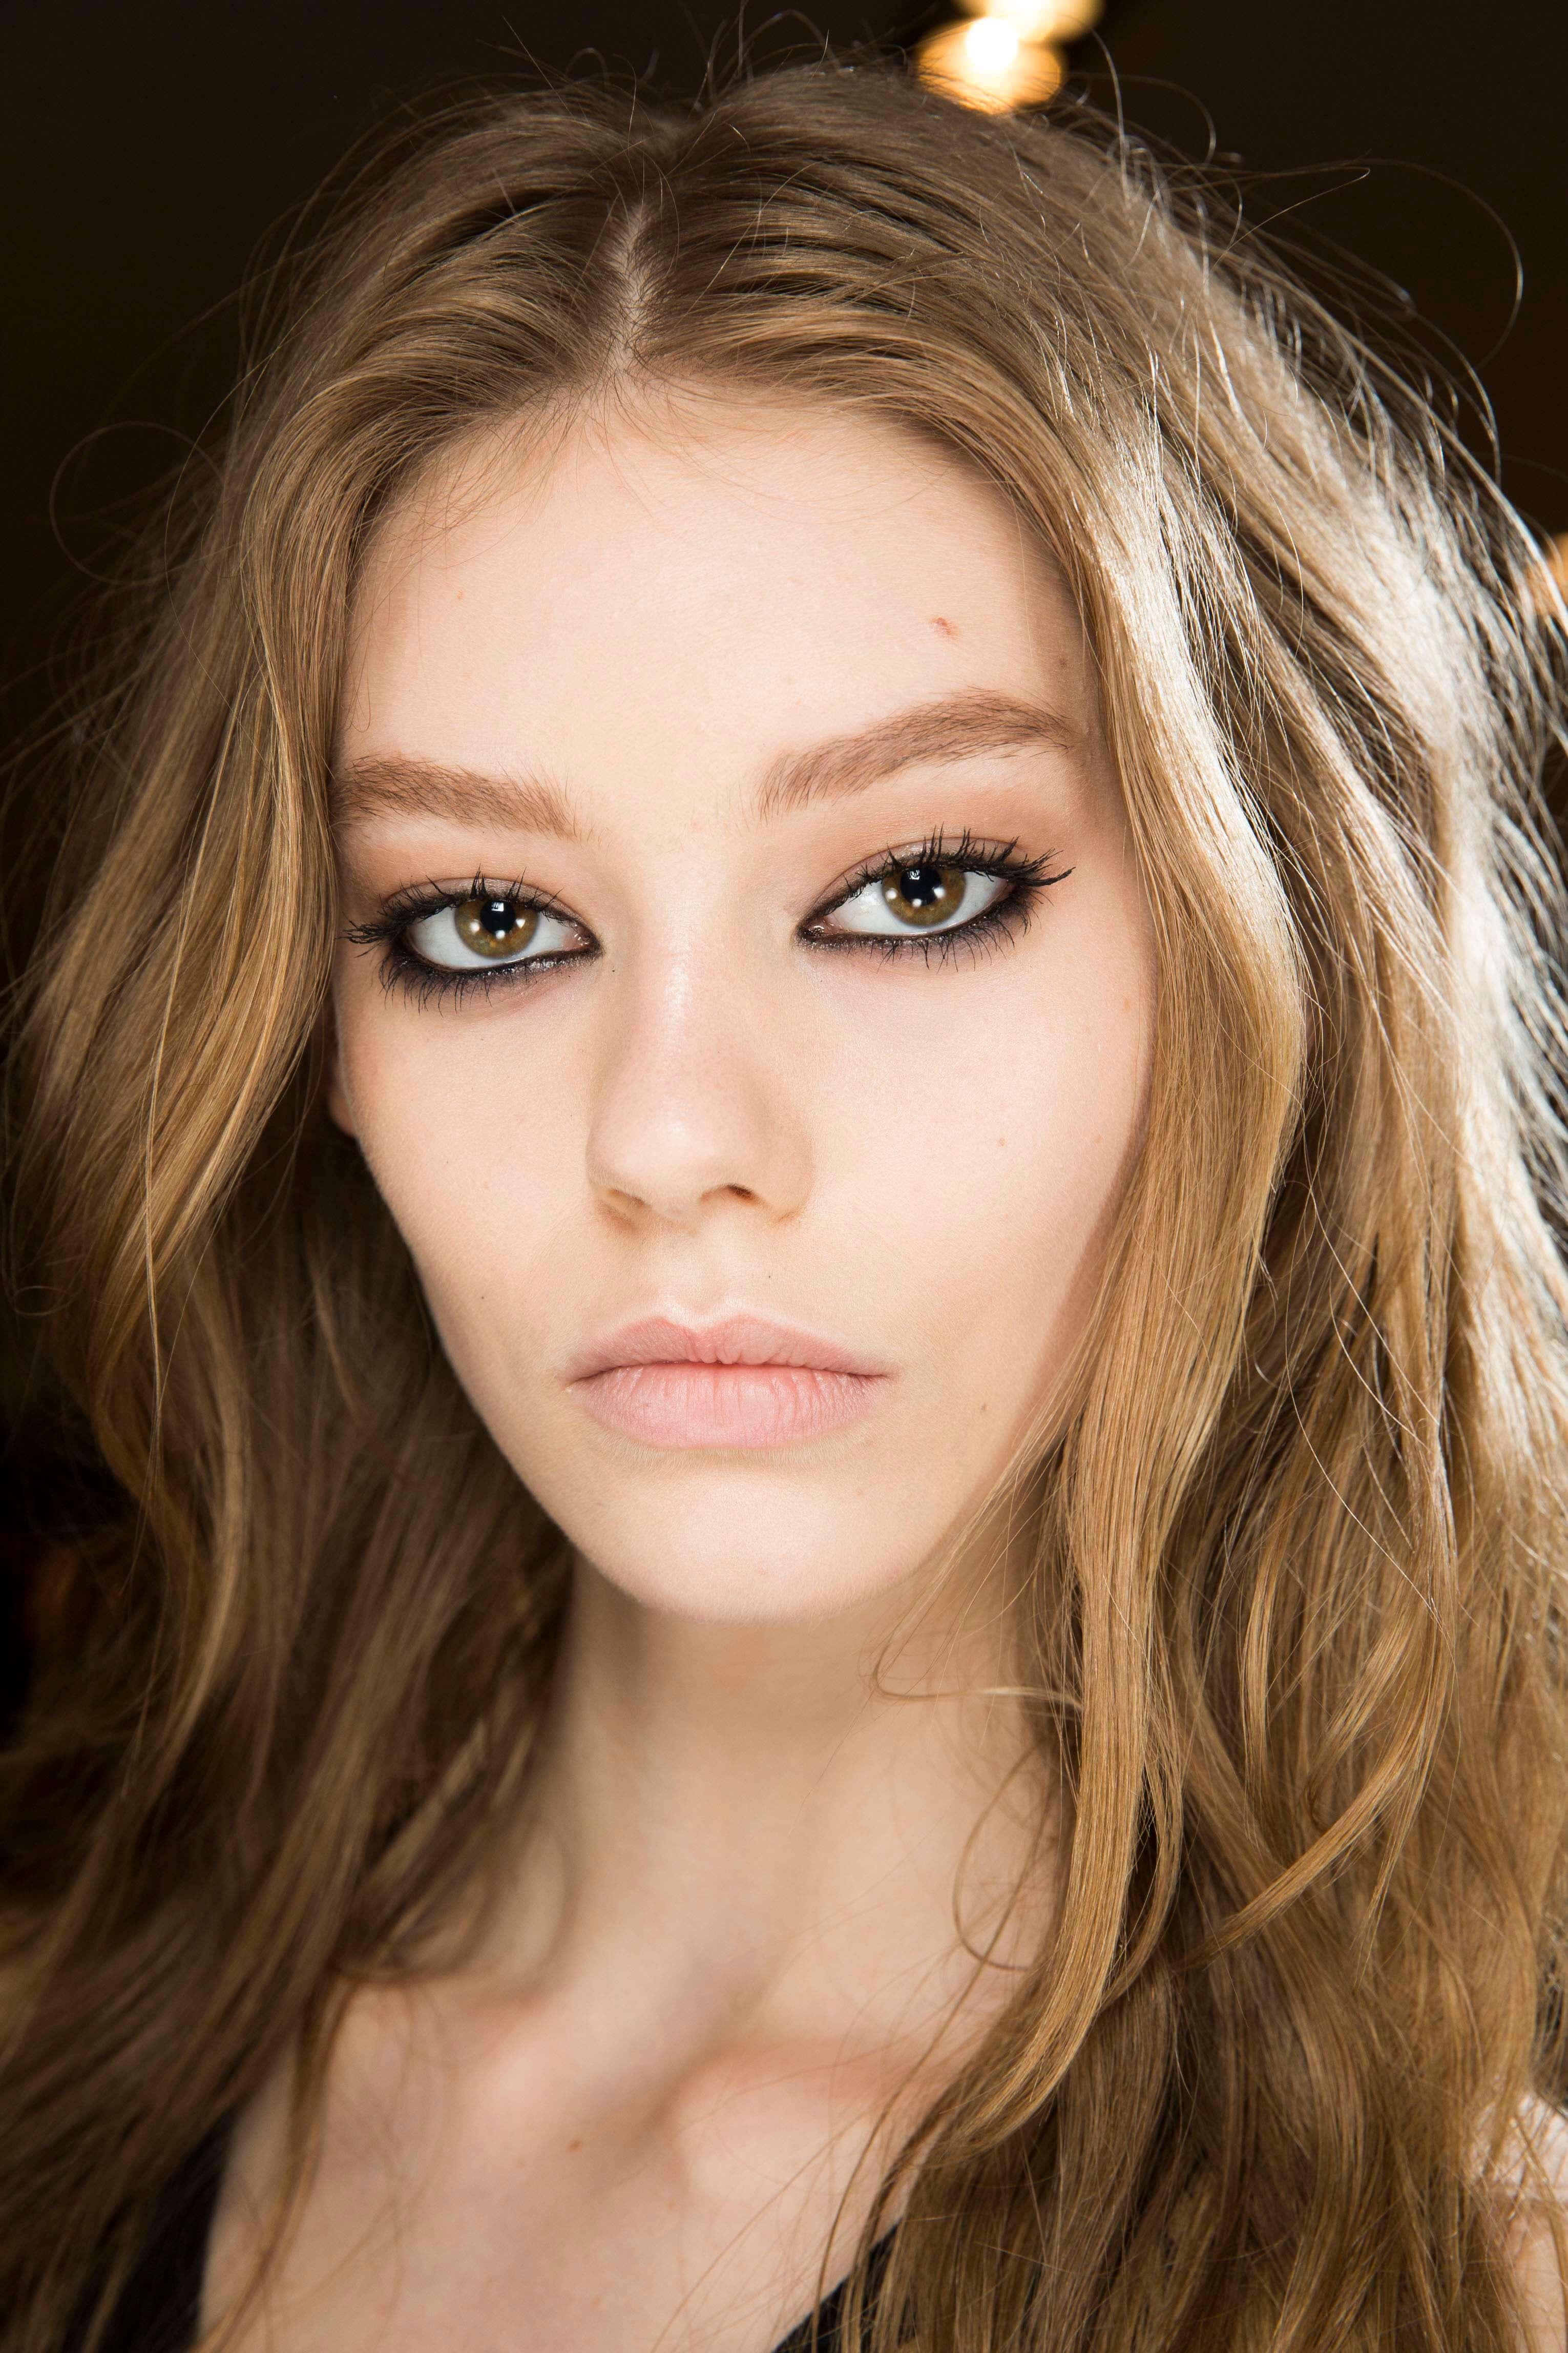 Shades of blonde hair: Woman with dark blonde bronde wavy hair wearing heavy eye makeup.